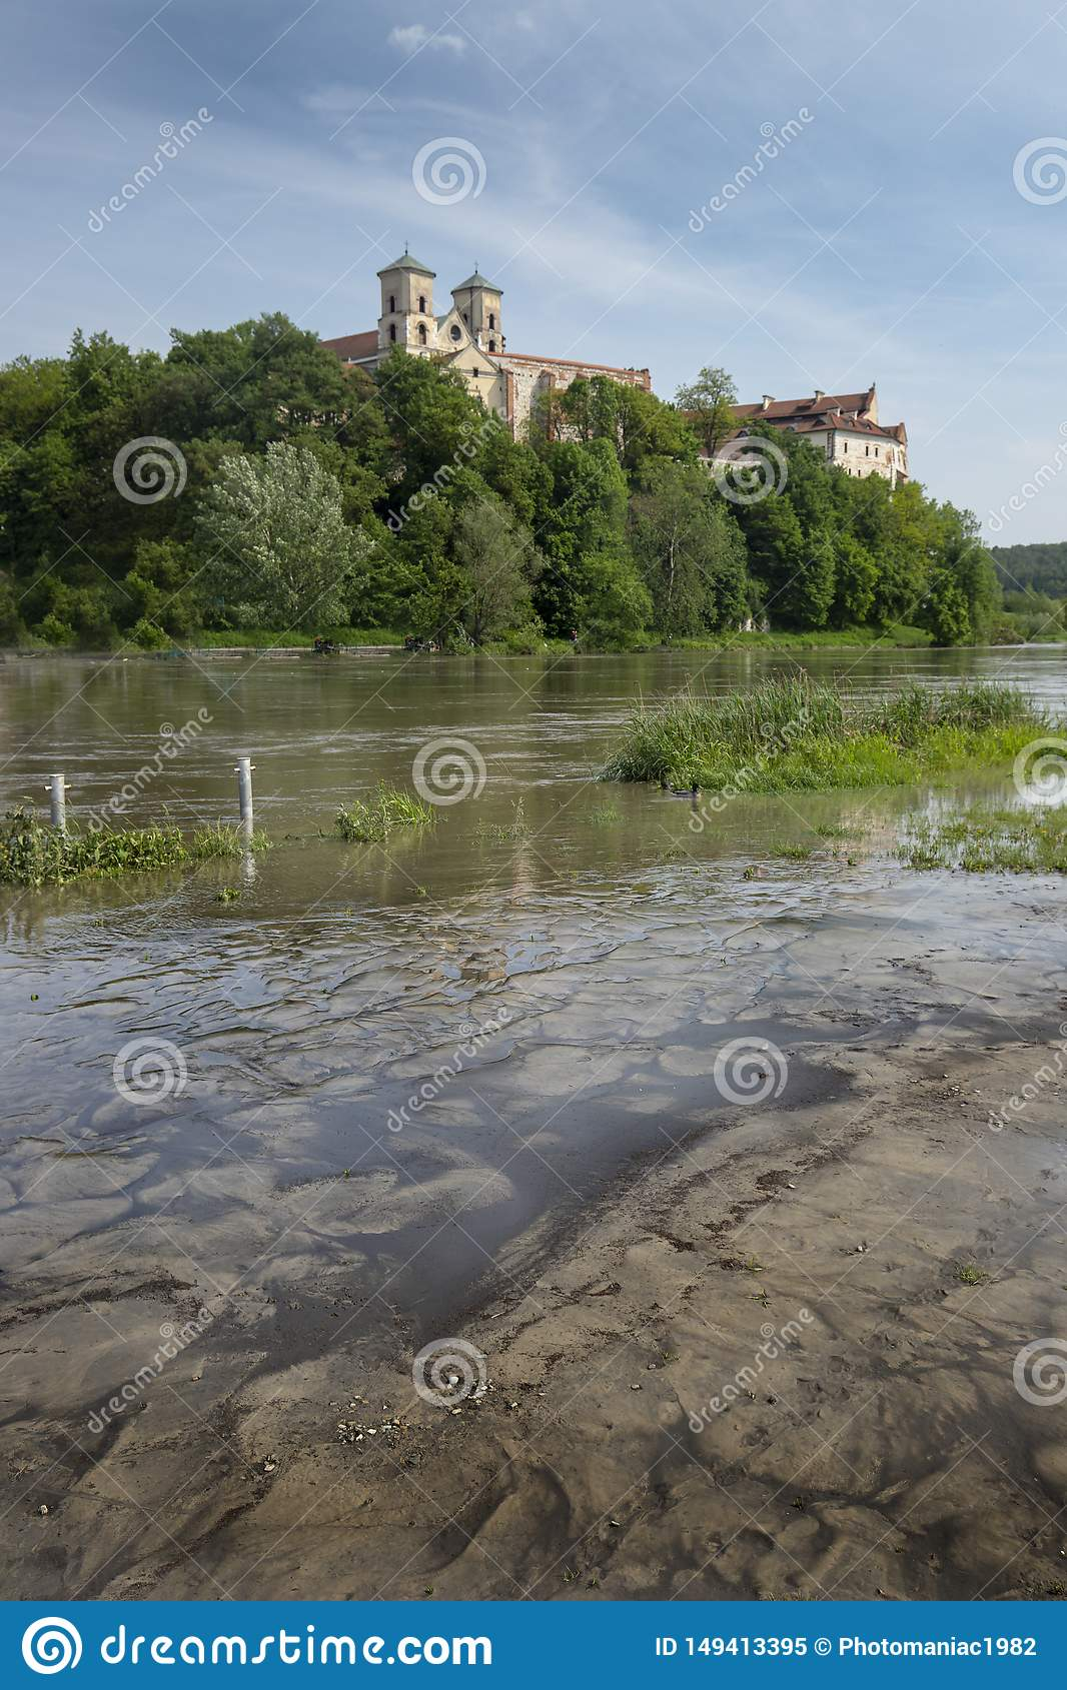 Tyniec kloster i Polen